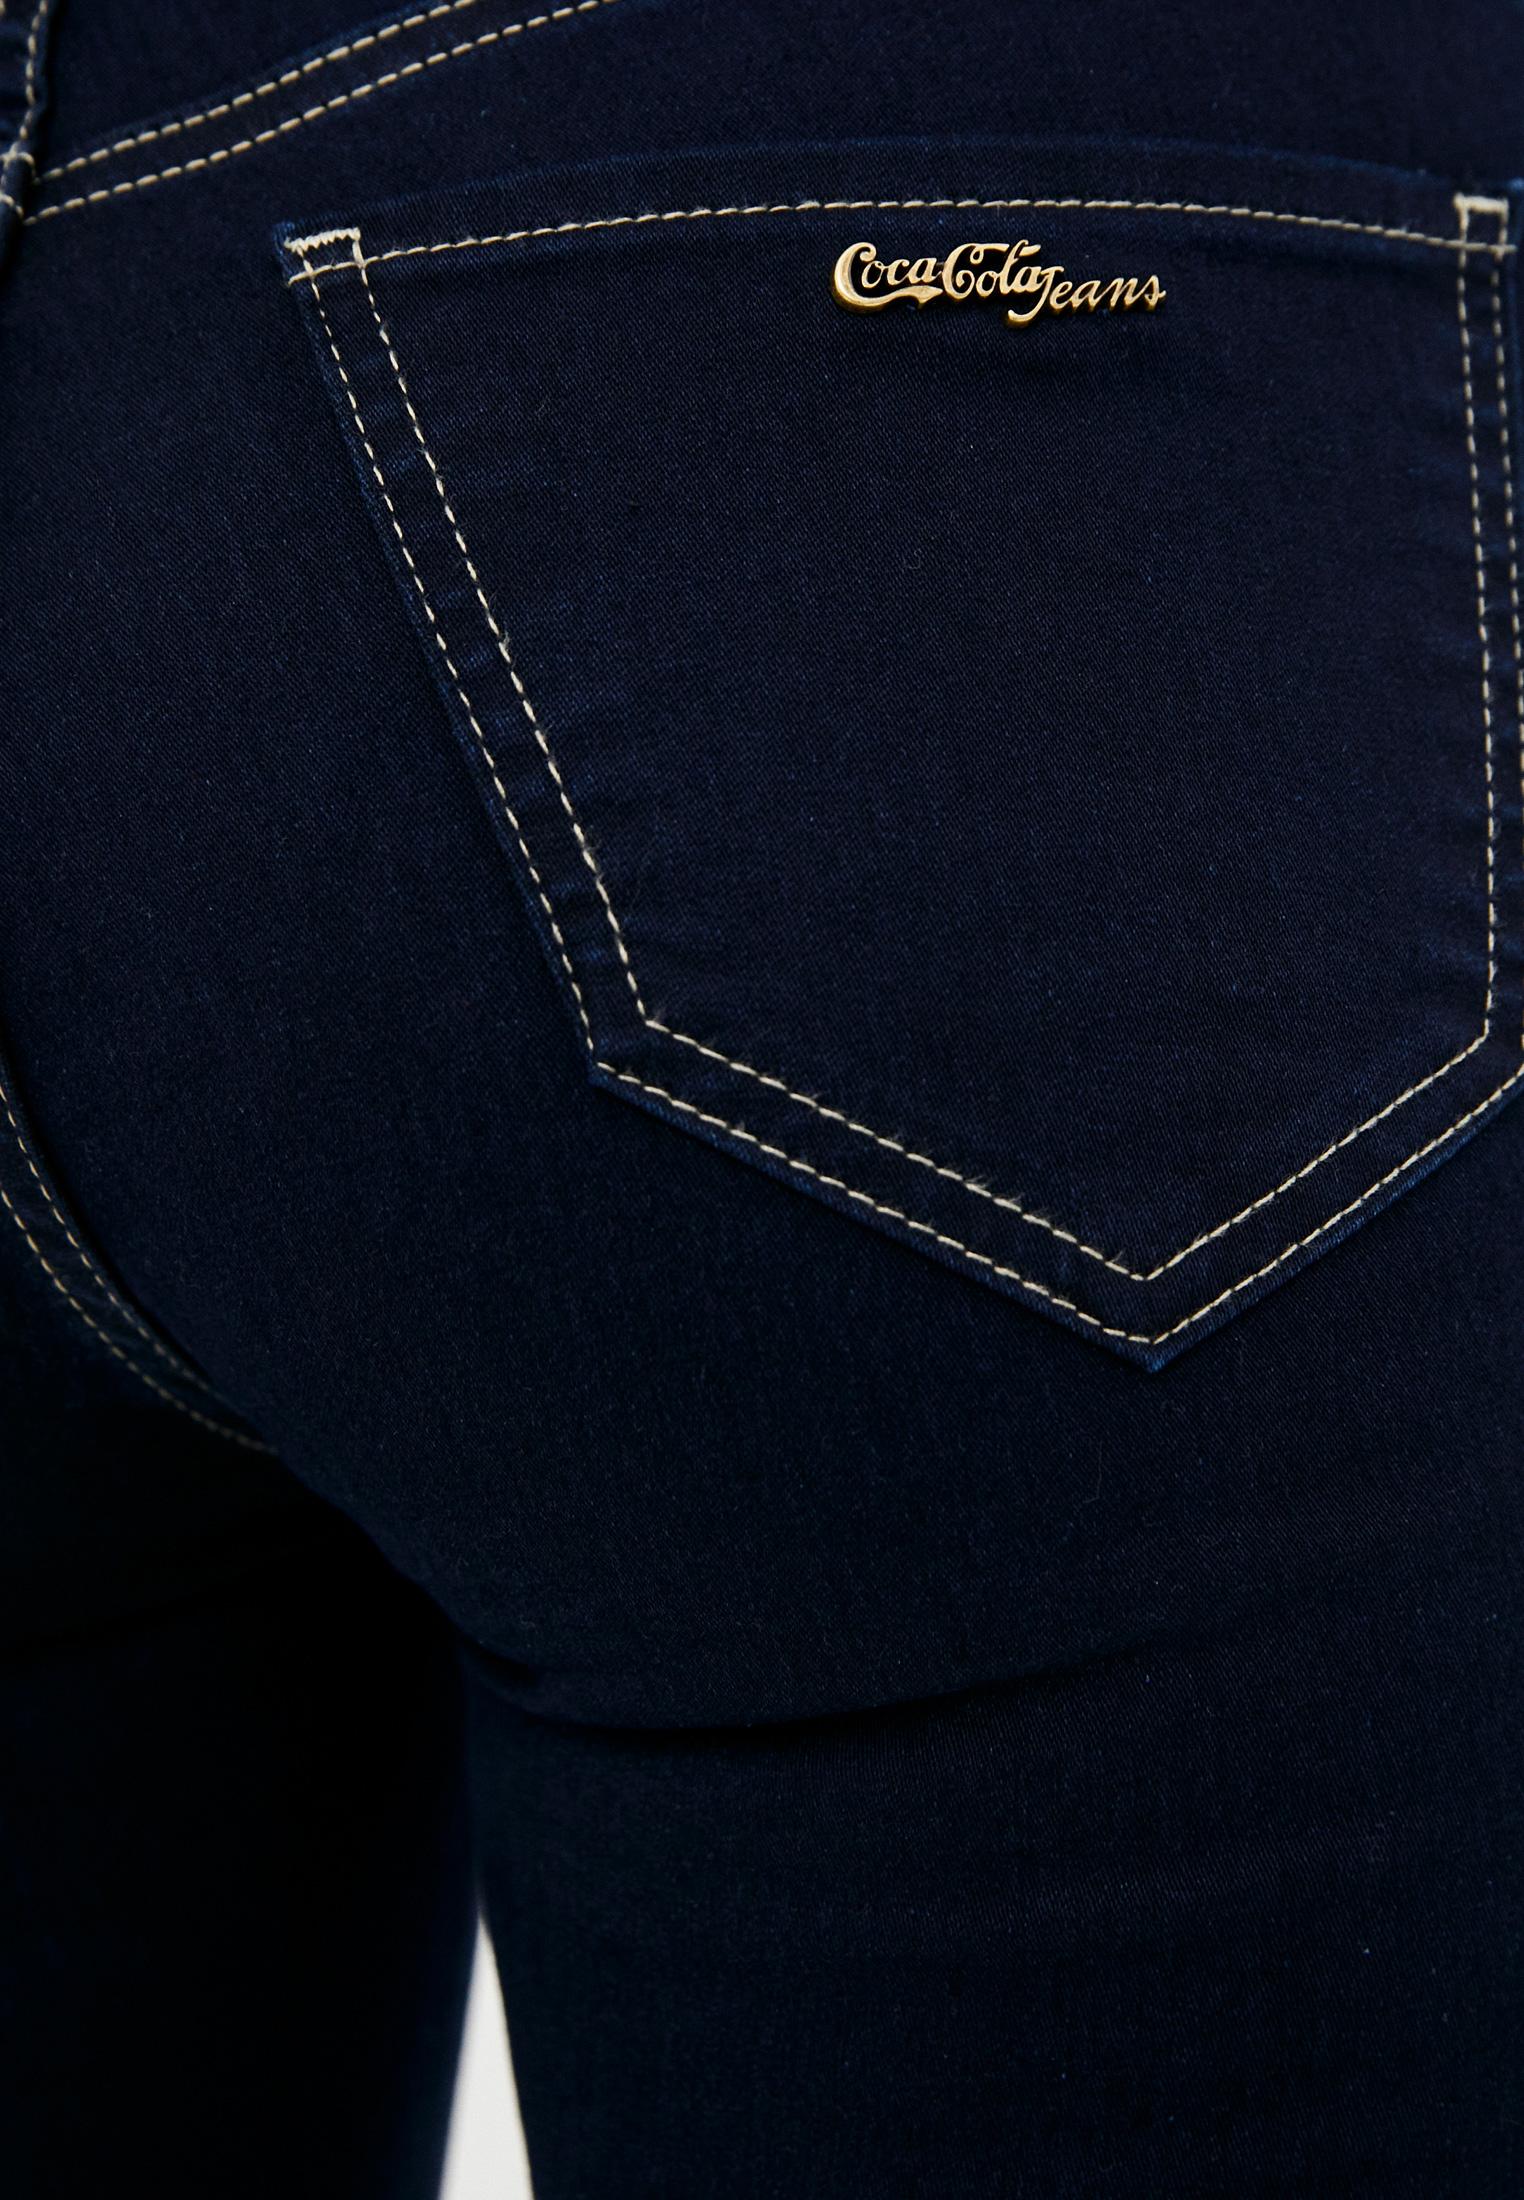 Зауженные джинсы Coca Cola Jeans 002.32.02969: изображение 4